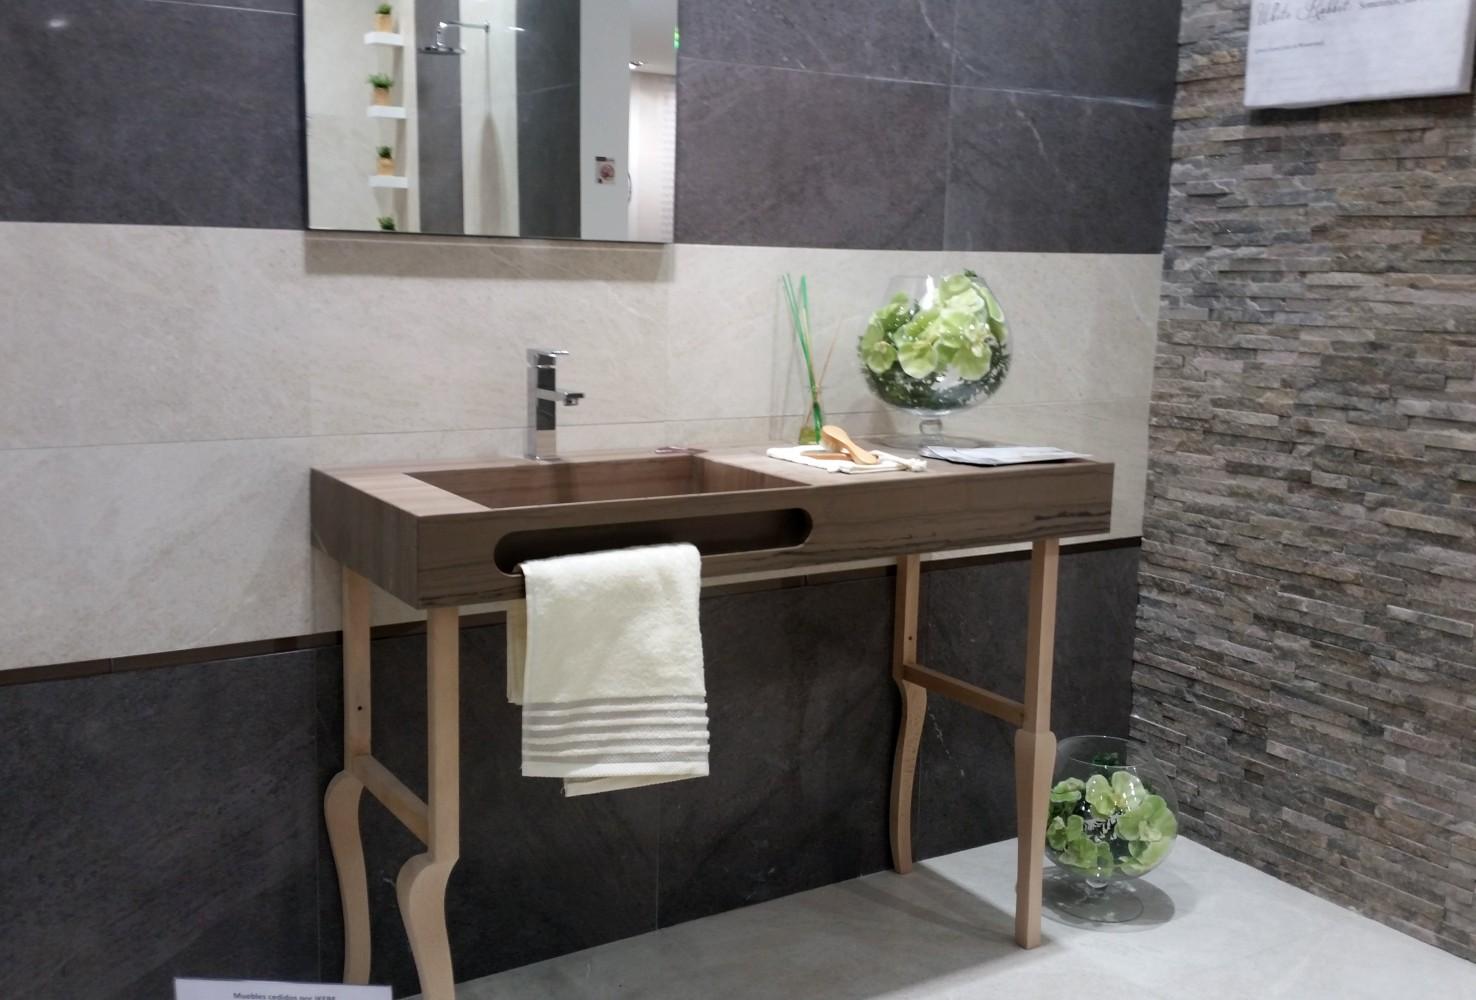 acabados personalizados para muebles de baño